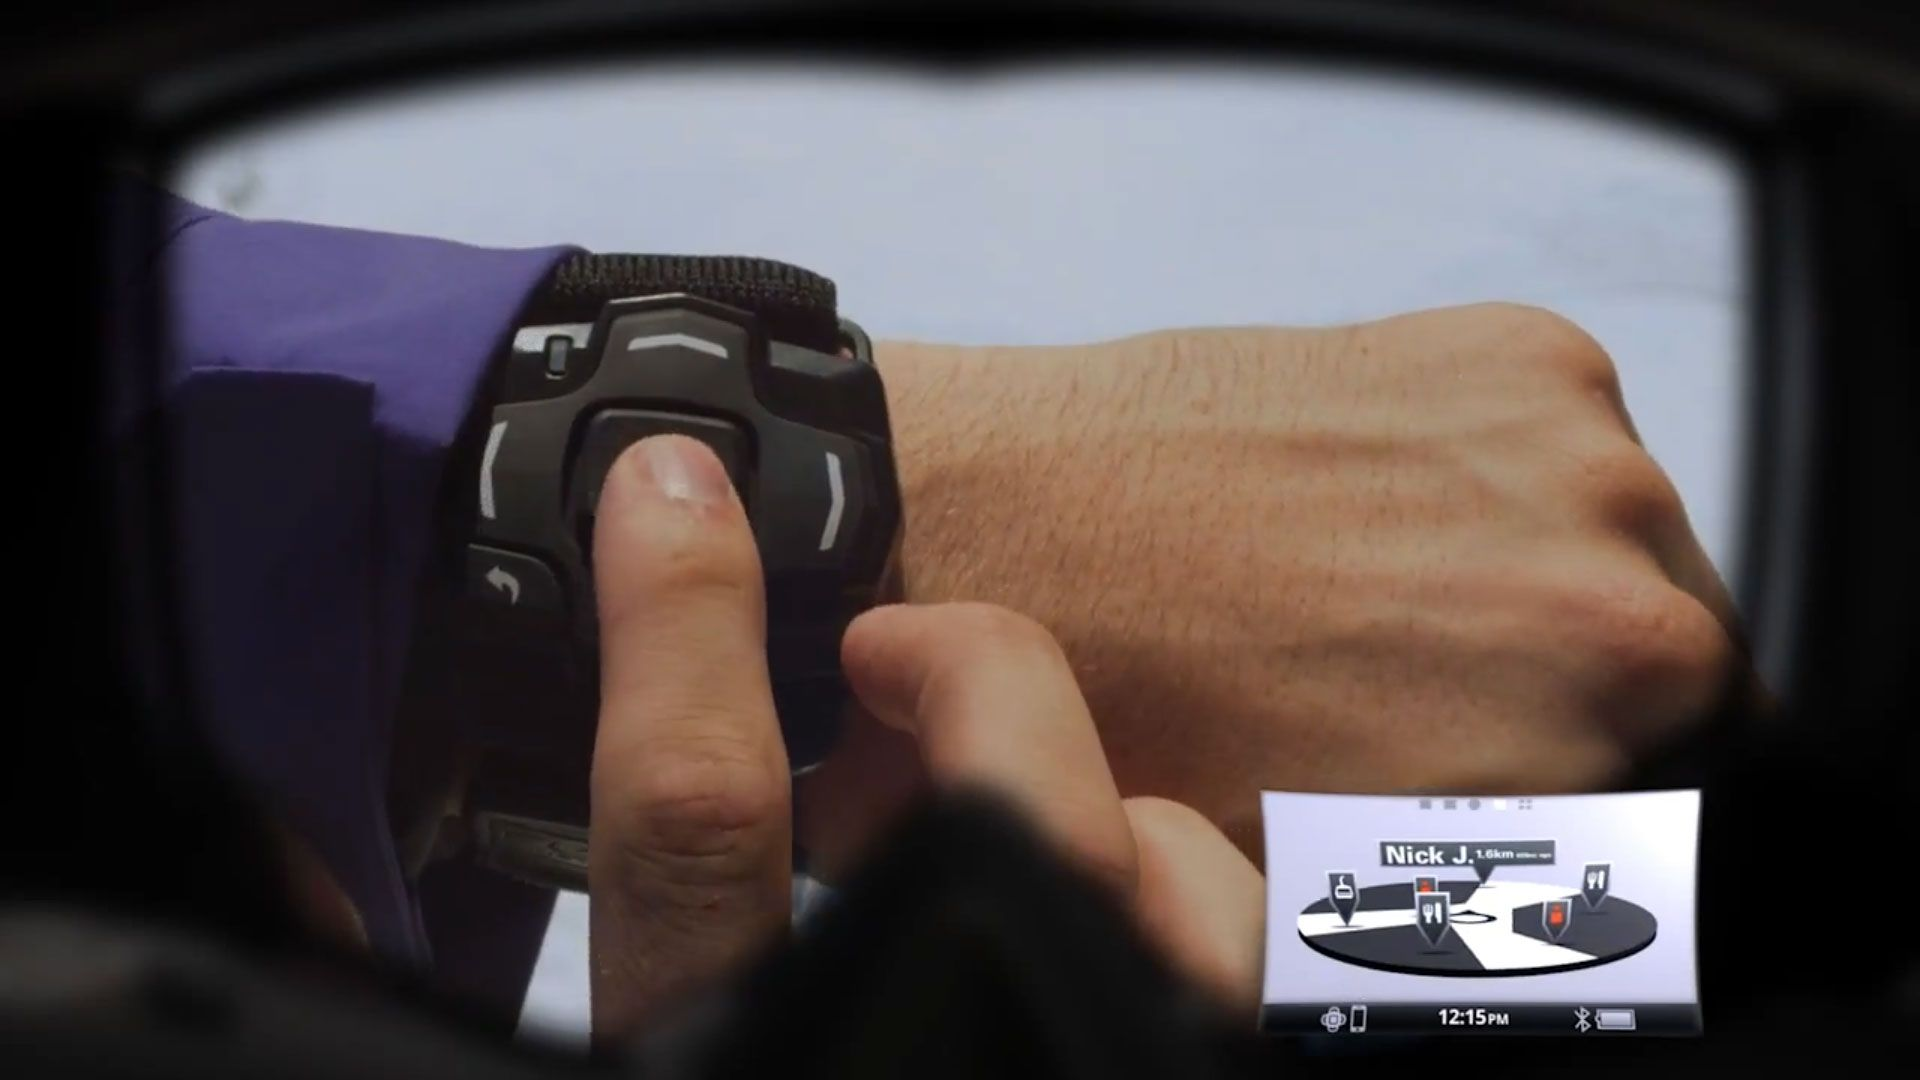 Fjernkontrollen festes på håndleddet og kan styre brillenes funksjoner.Foto: Oakley / YouTube